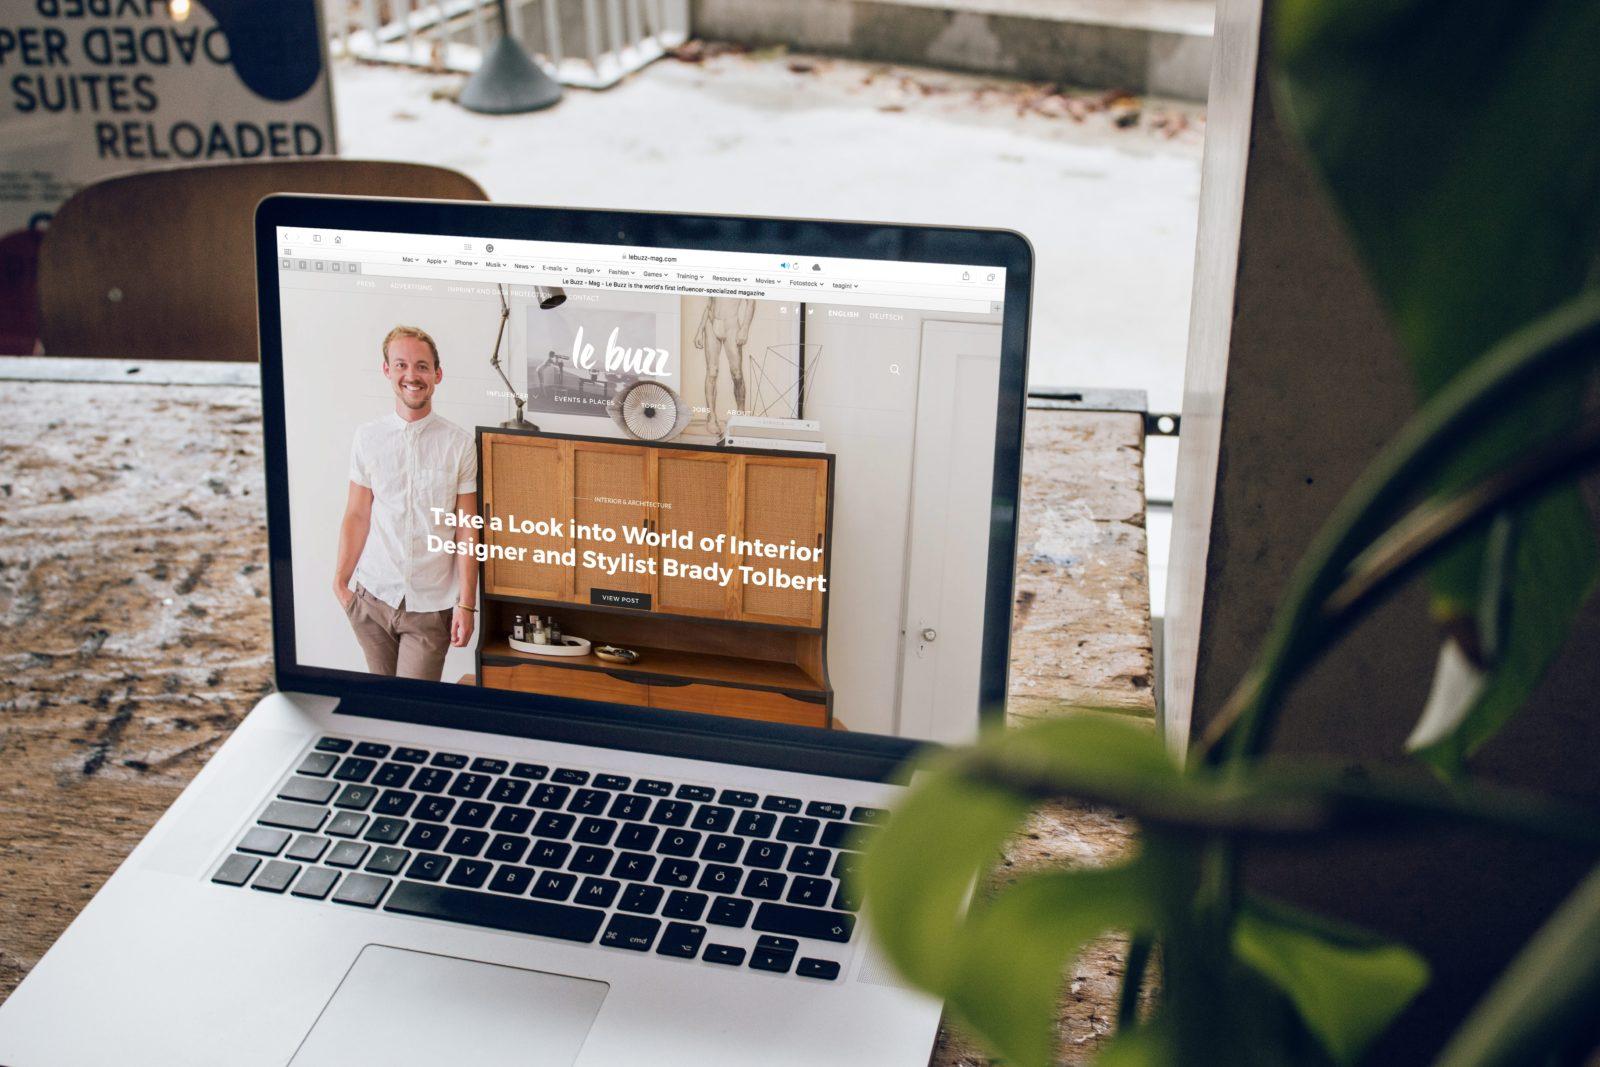 Site web sur un mac où un homme sourit sur la home